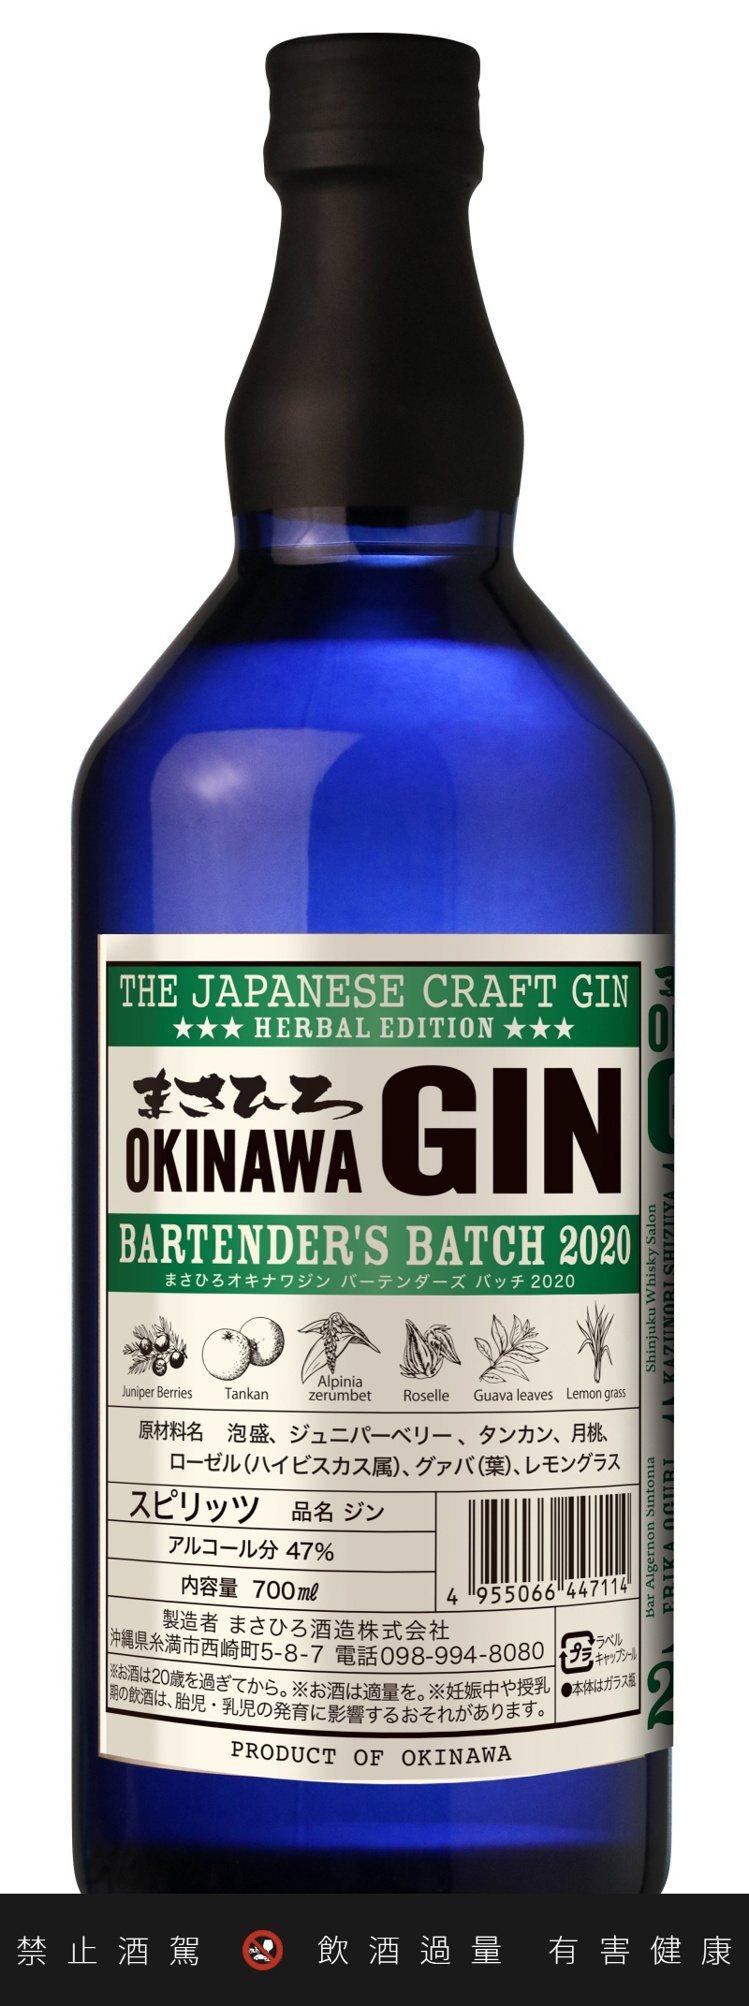 沖繩琴酒調酒師特別版,日本限量2400瓶,建議售價1690元。圖/東和商貿提供。...